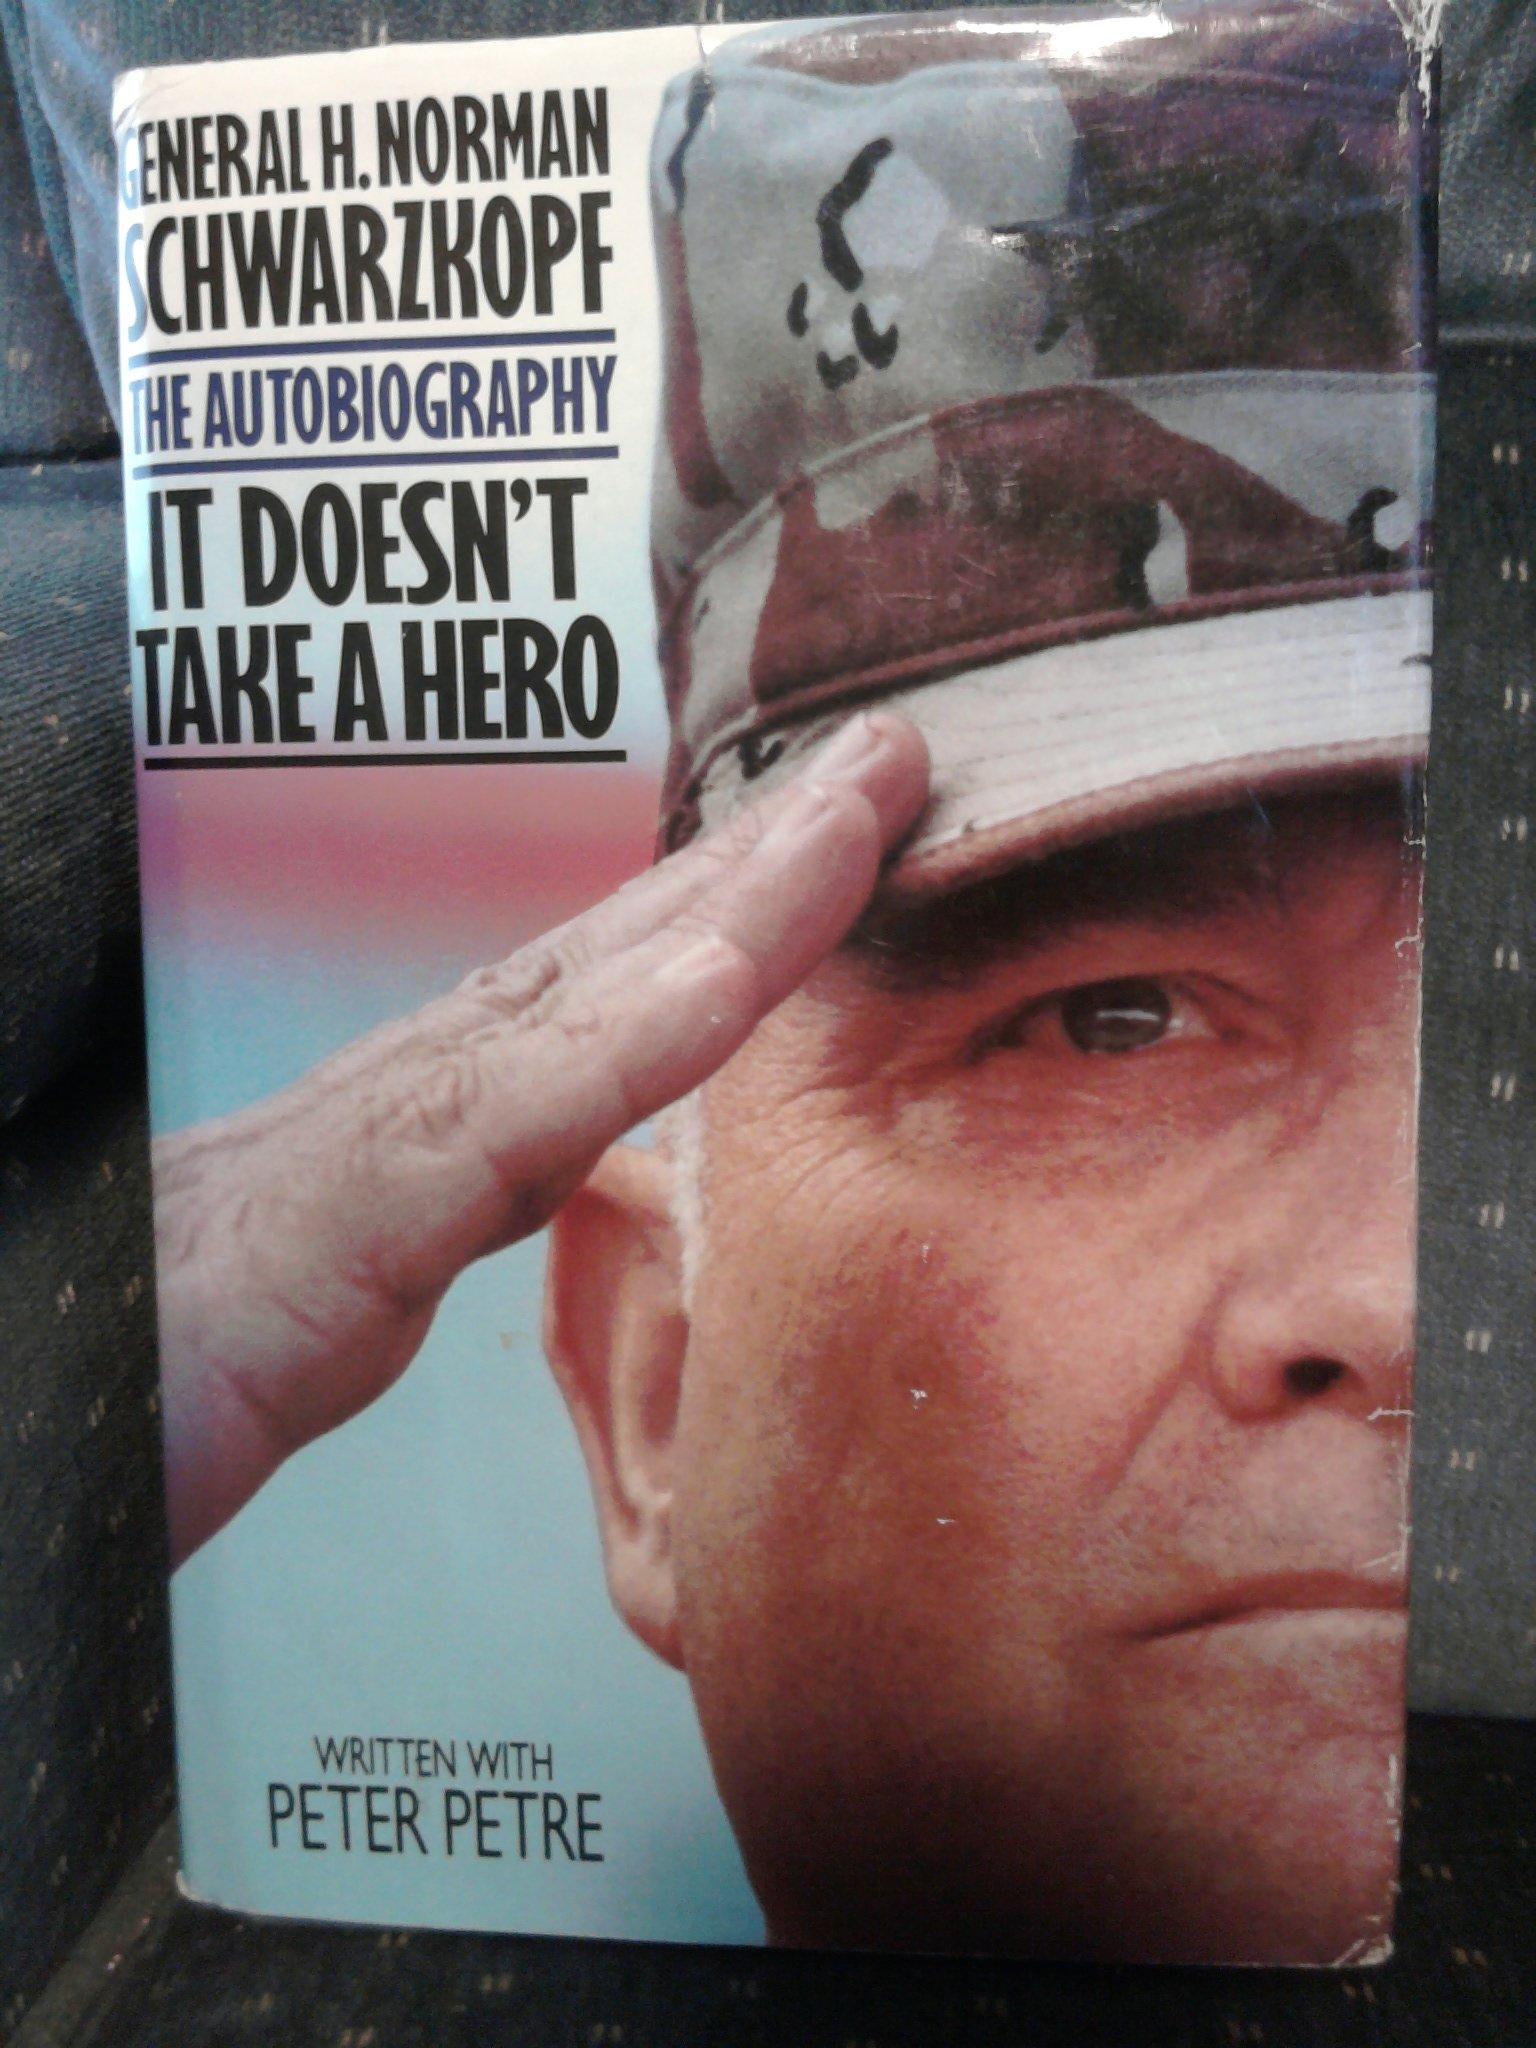 IT DOESN'T TAKE A HERO